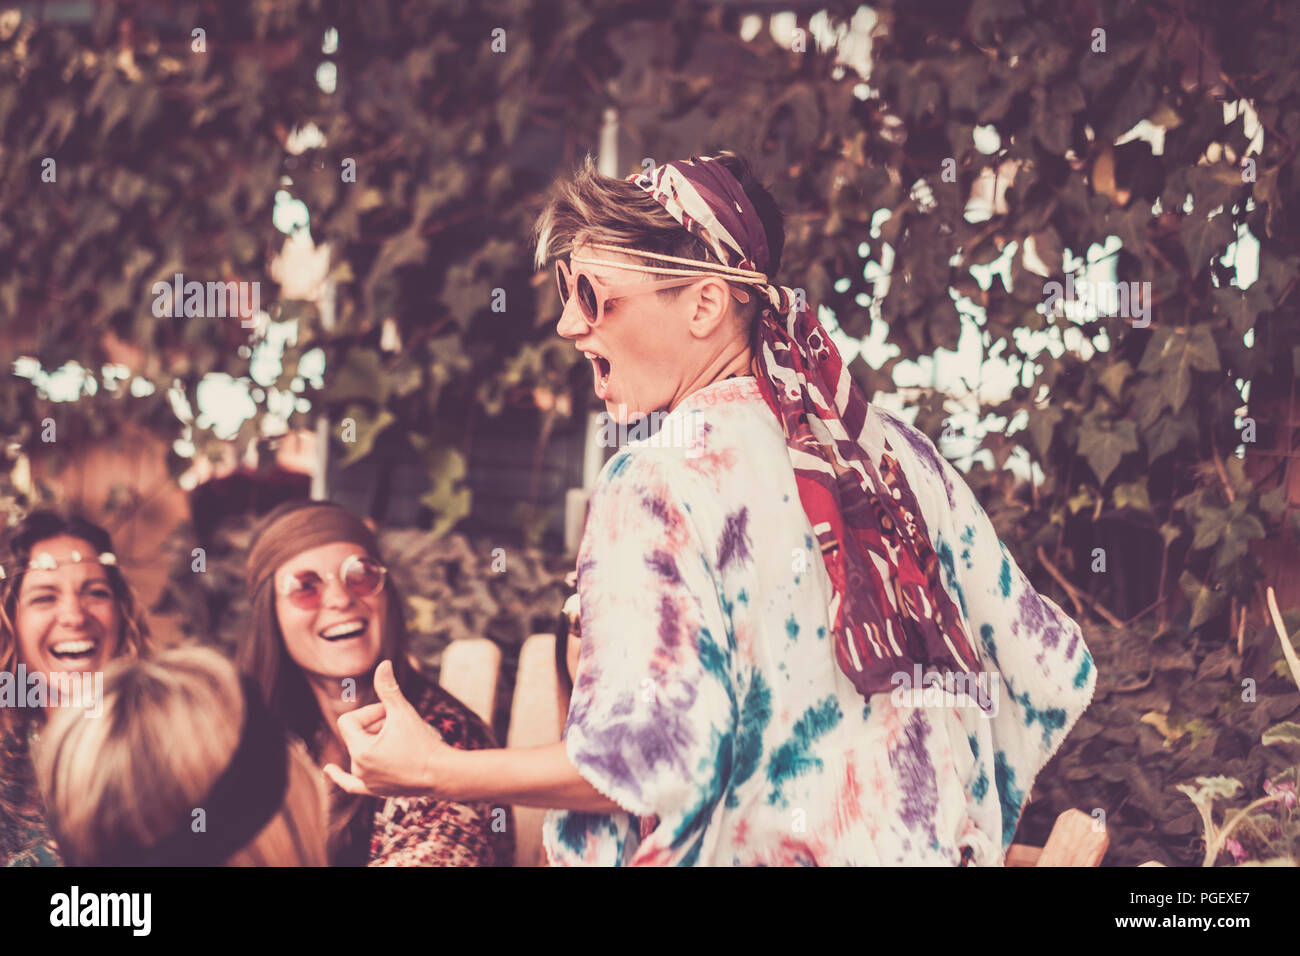 Crazy blonde junge Frau und Mädchen in Freundschaft alle zusammen feiern und Spaß haben in einem Bio natürliche Ort. Lächeln und Lachen für die Gruppe von Hipp Stockbild